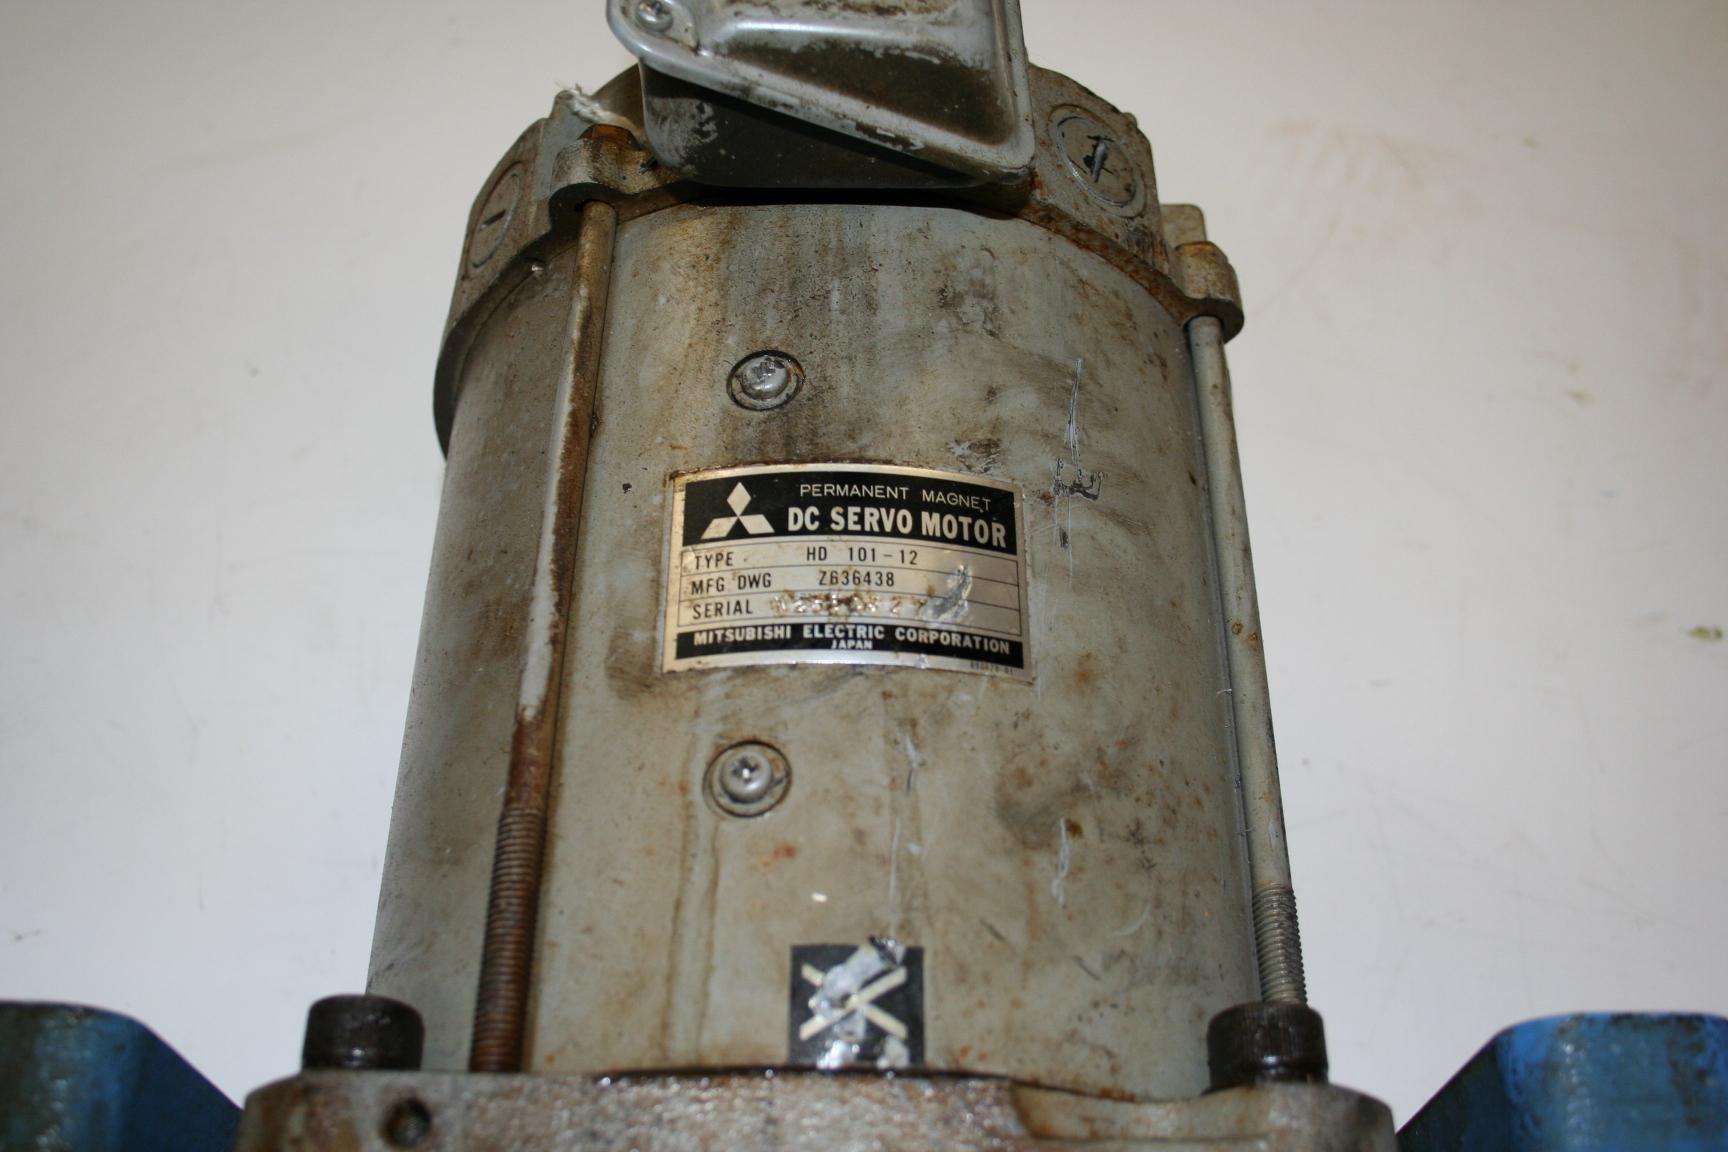 DC Servo Motor a